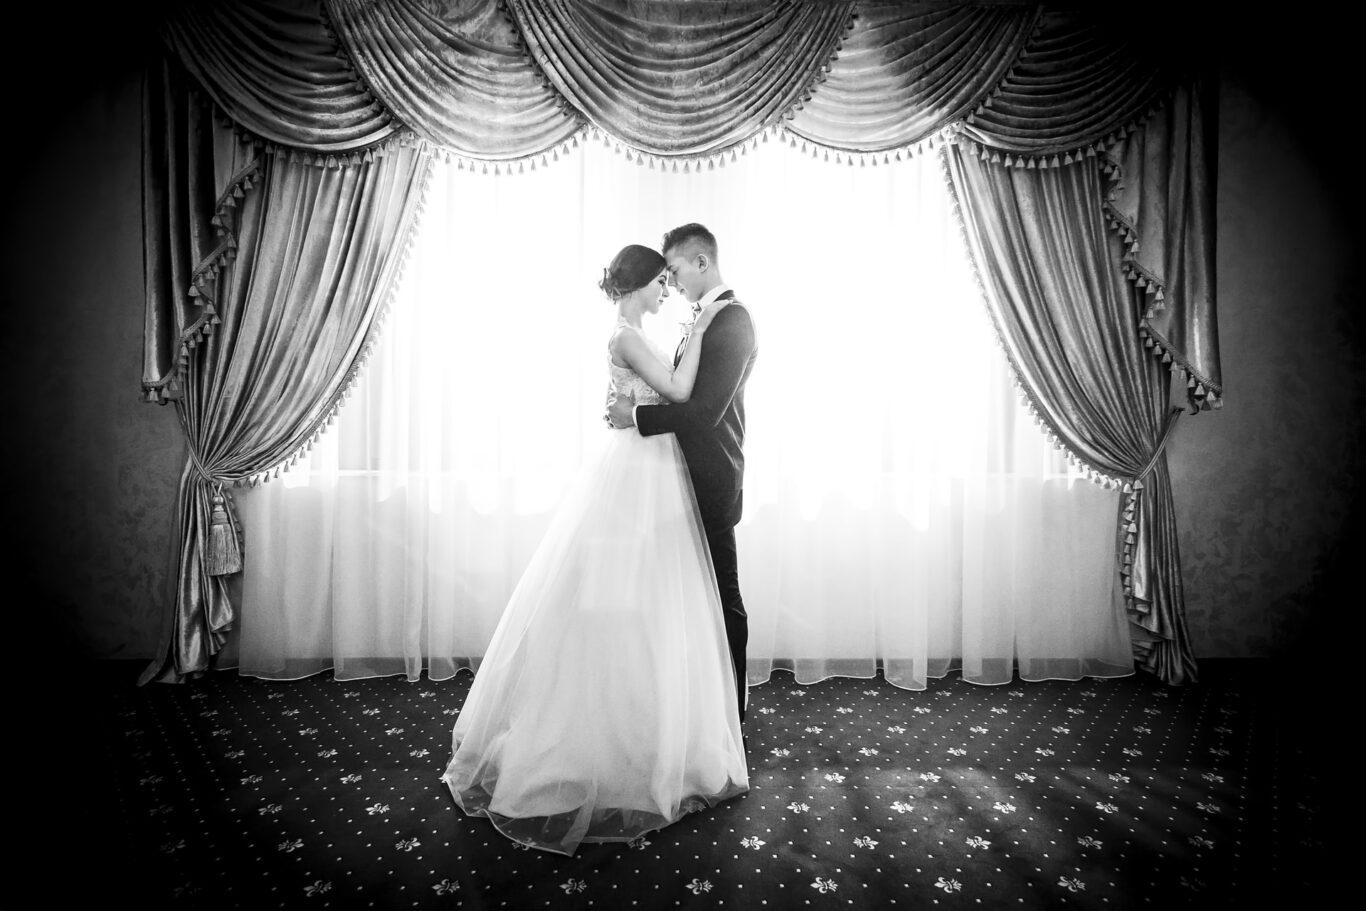 Φωτογραφία γάμου- πως θα επιλέξετε το κατάλληλο